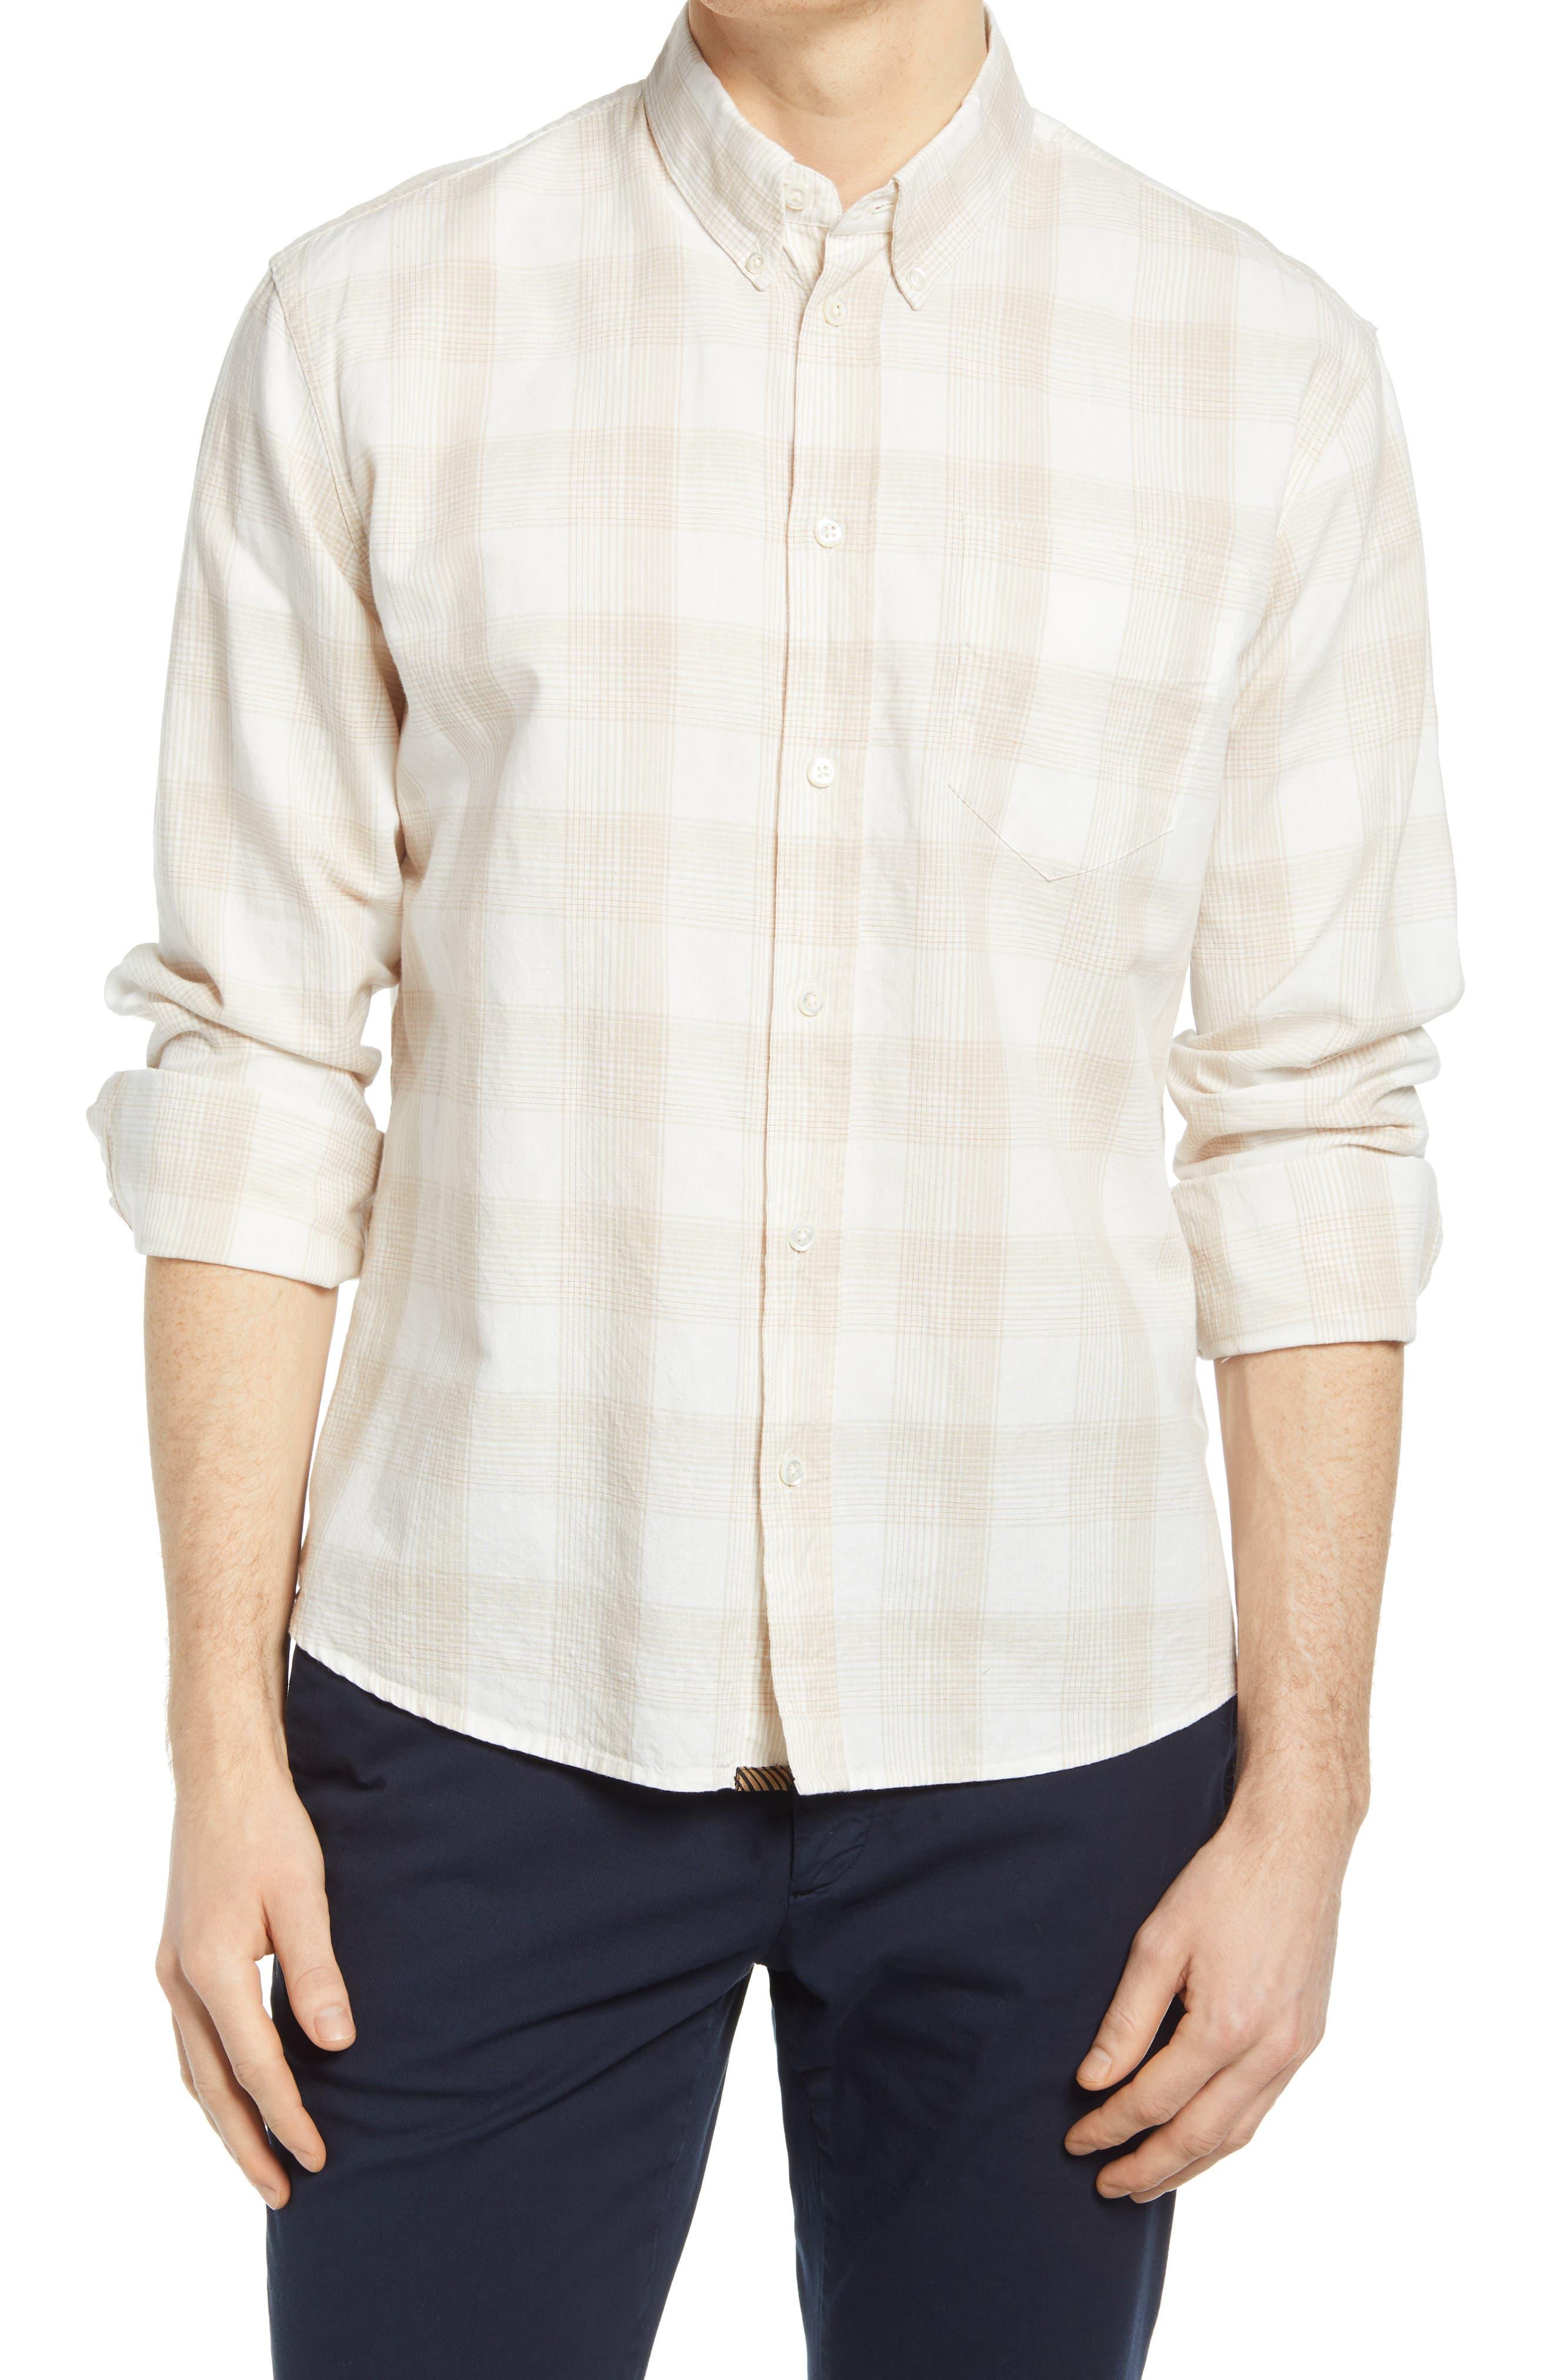 John Button-Up Shirt